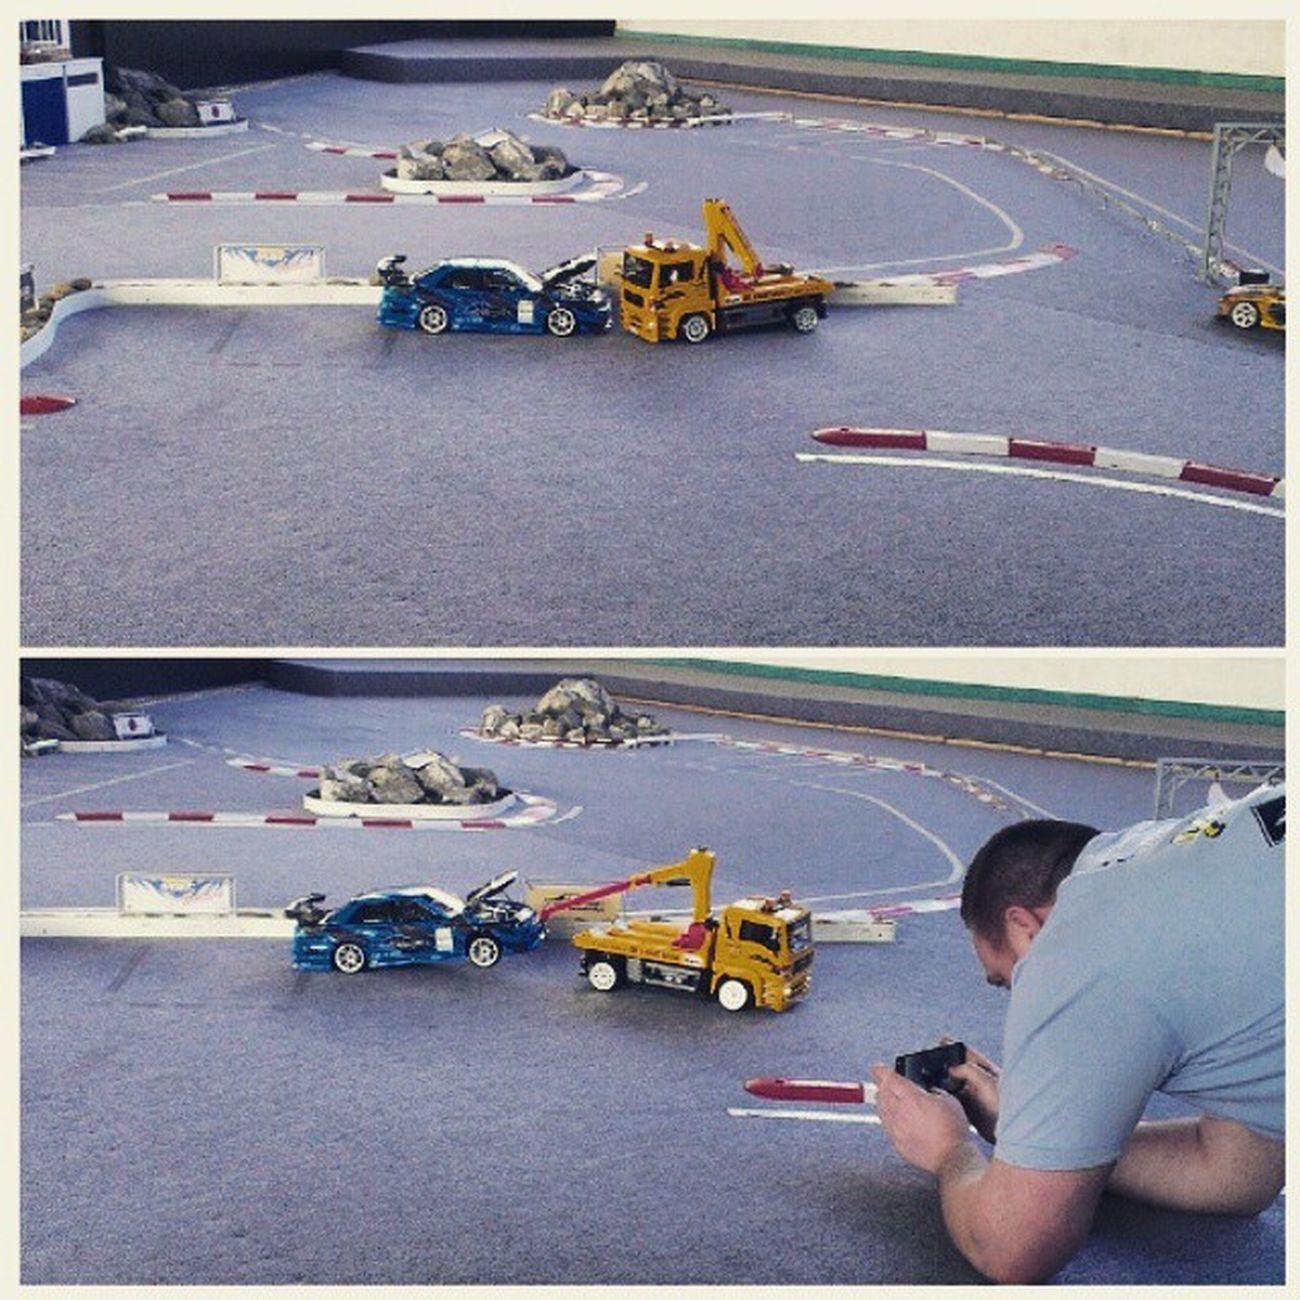 Der ADAC wird auch gebraucht Rcdrift Nodrift Drift Rcdrifting Megadrom